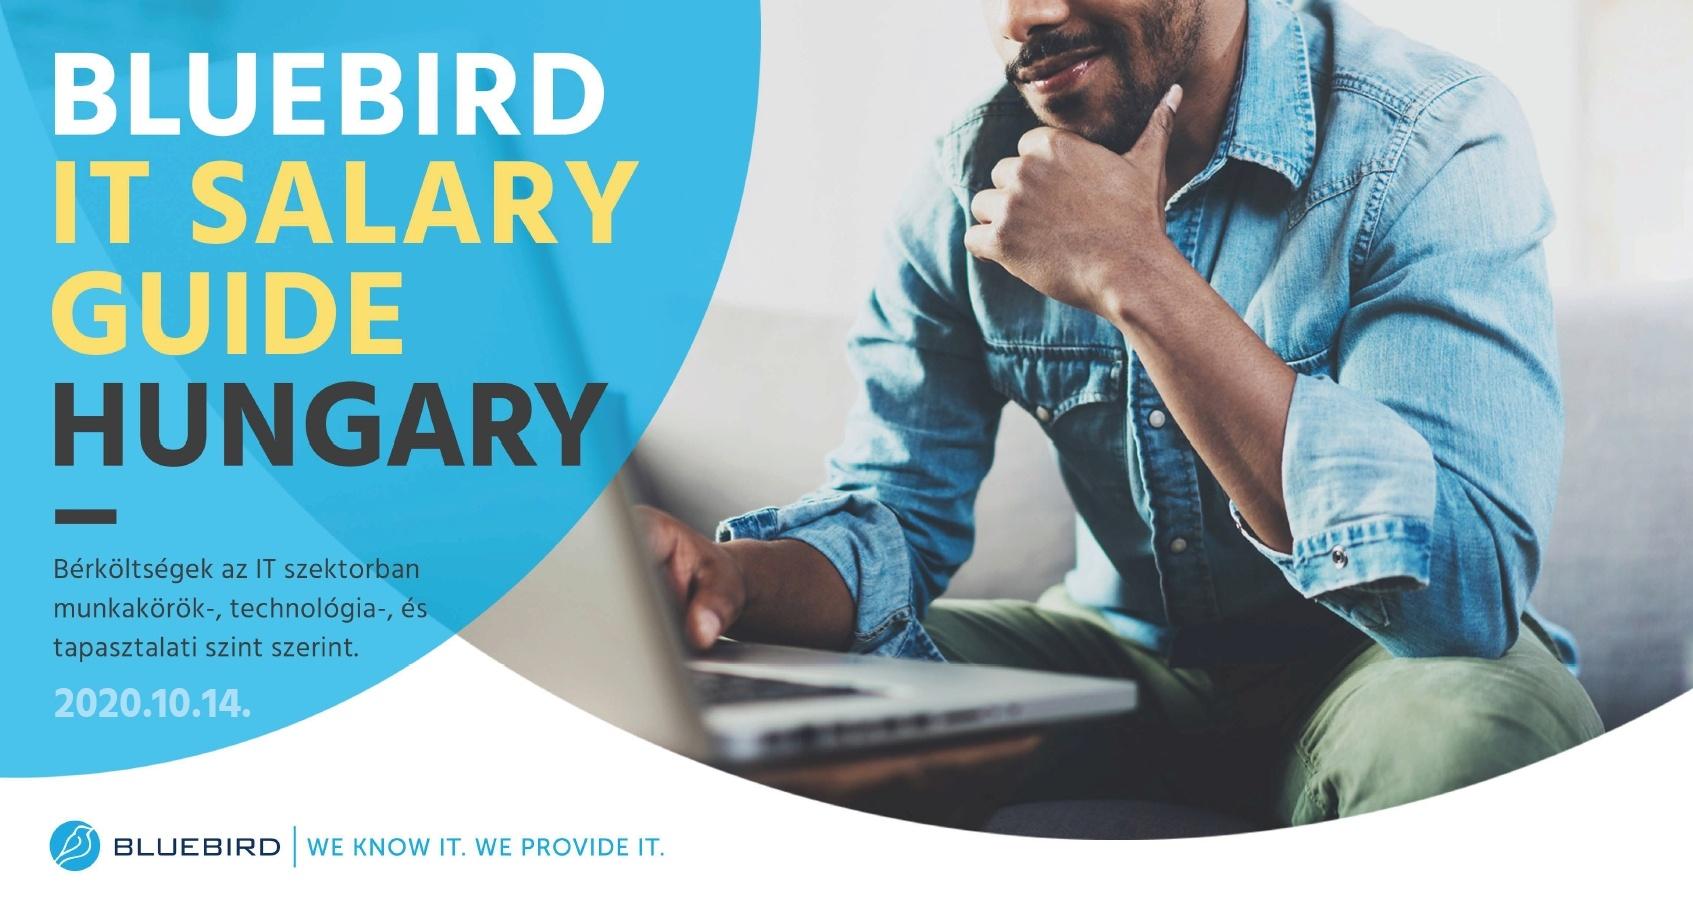 Fizetések az IT szektorban - Bluebird